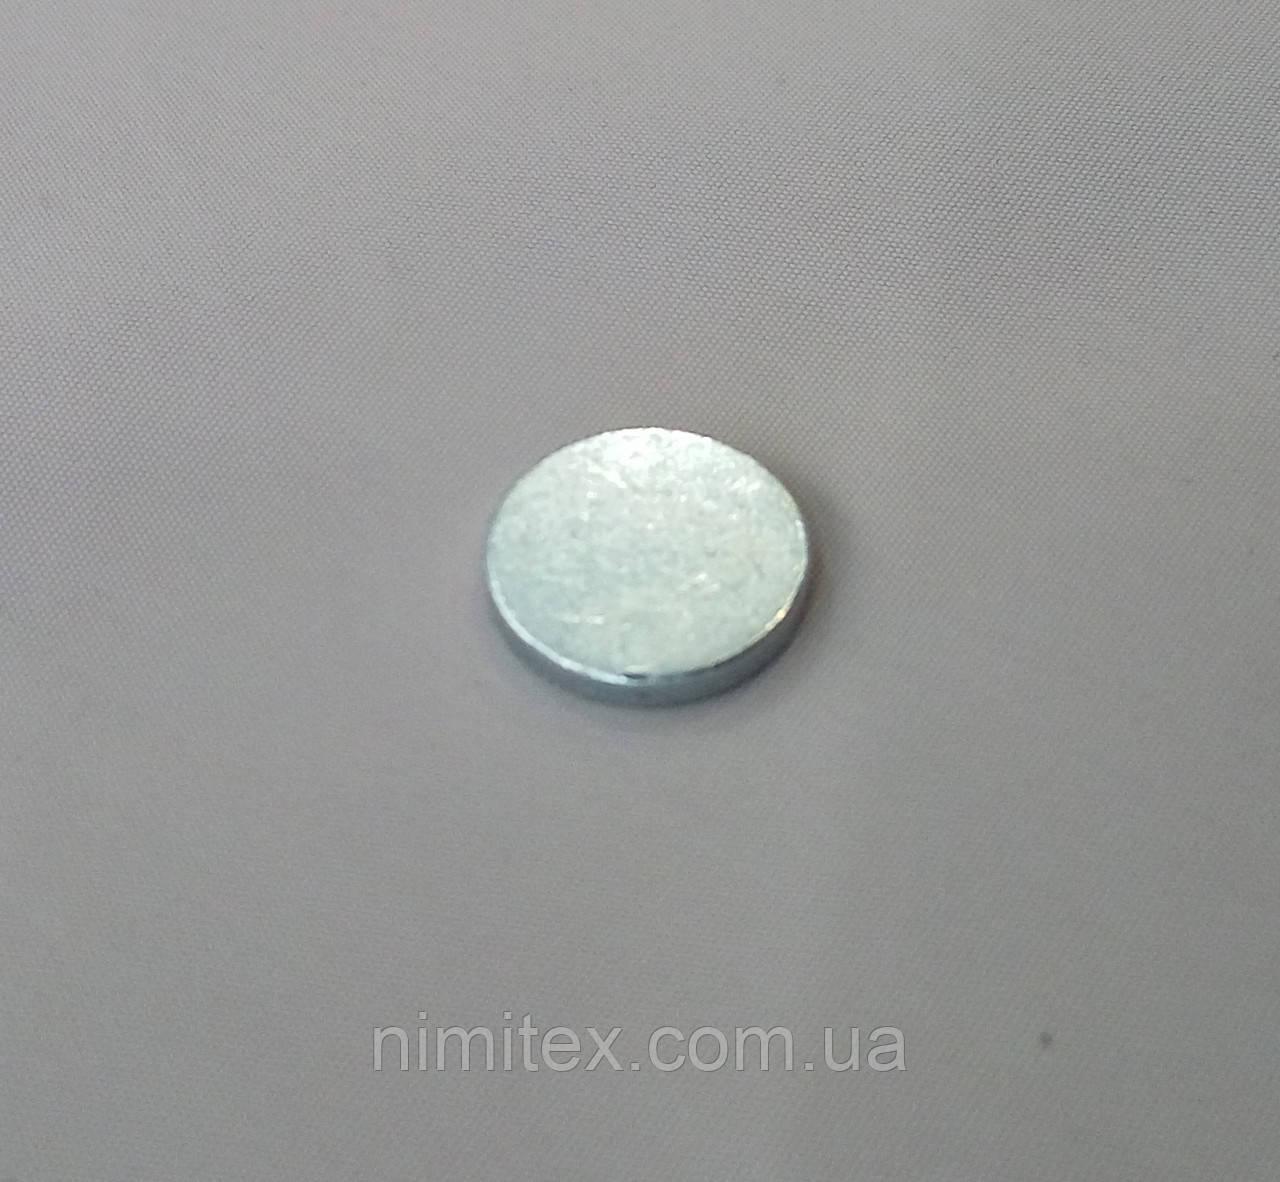 Магнит вшивной 15 мм